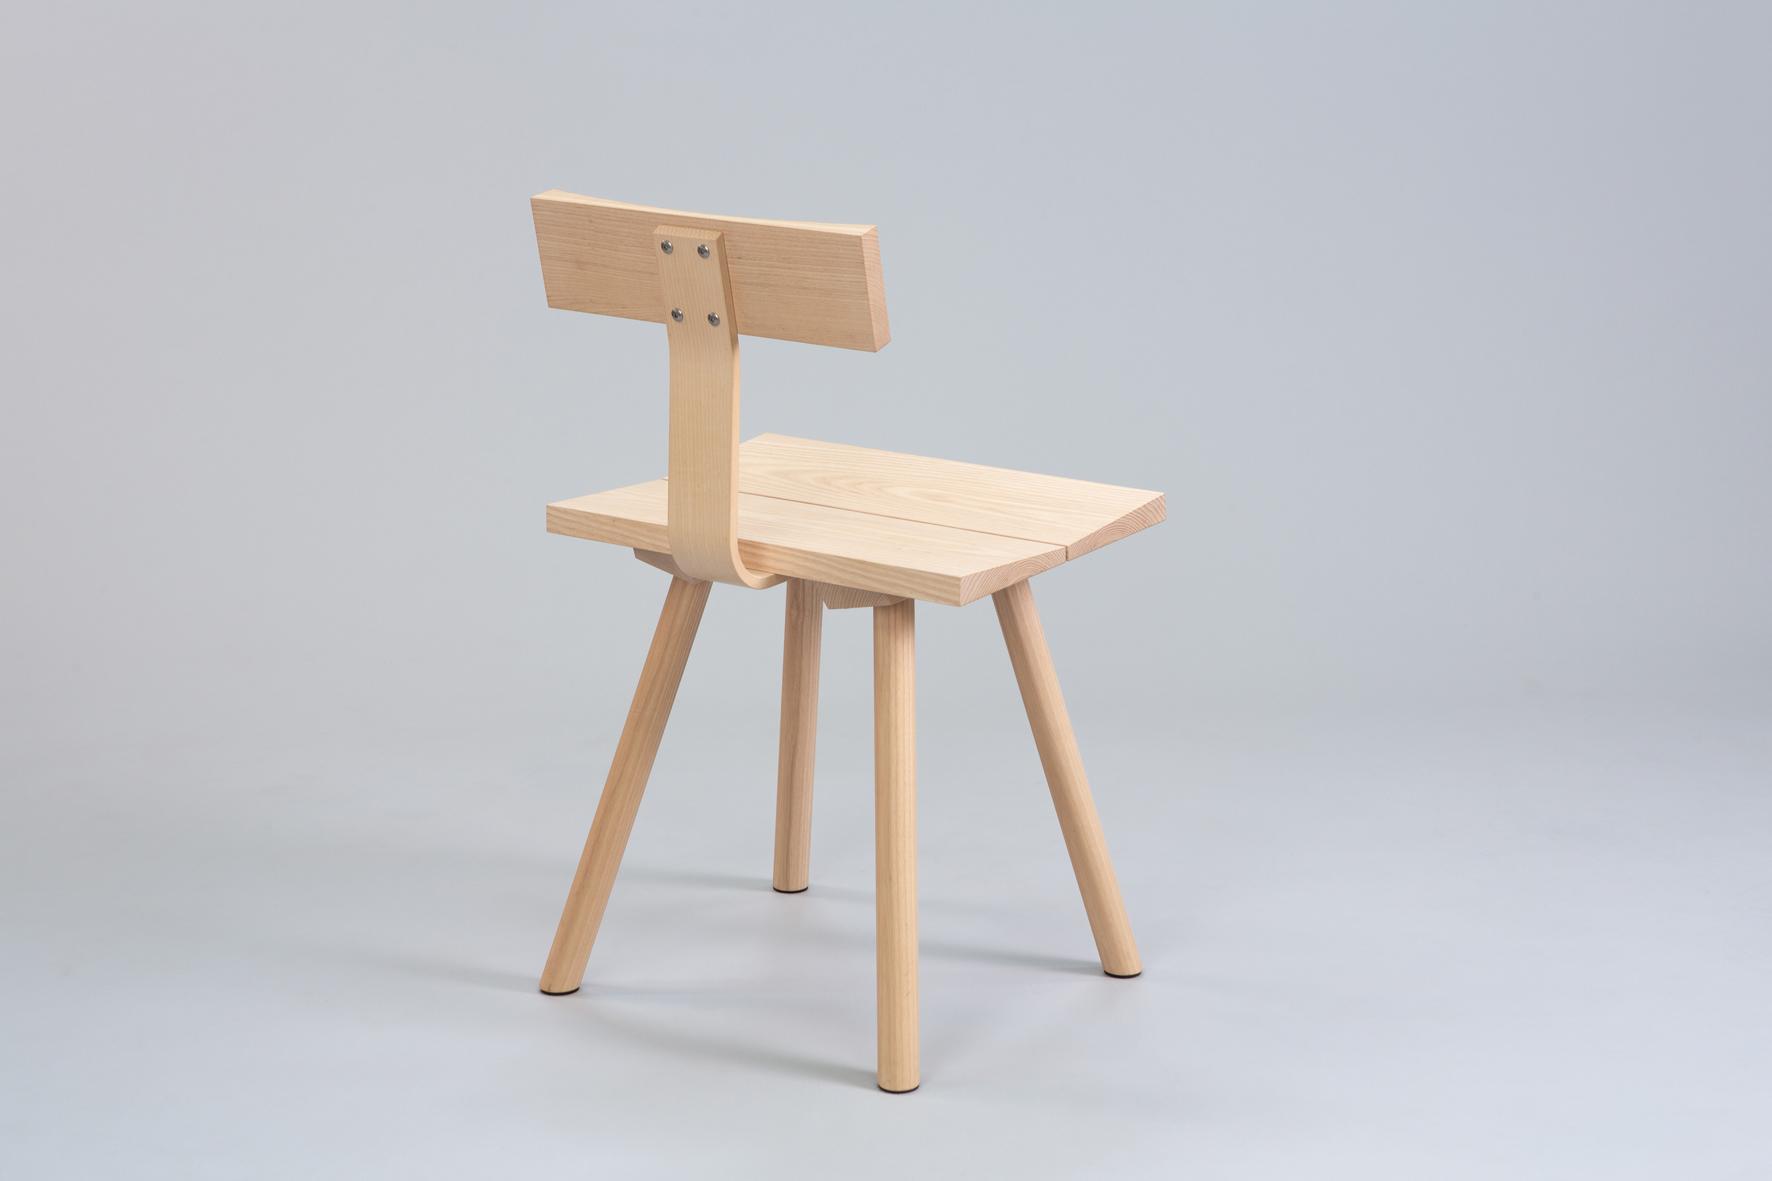 Cùram chair 5 small.jpg